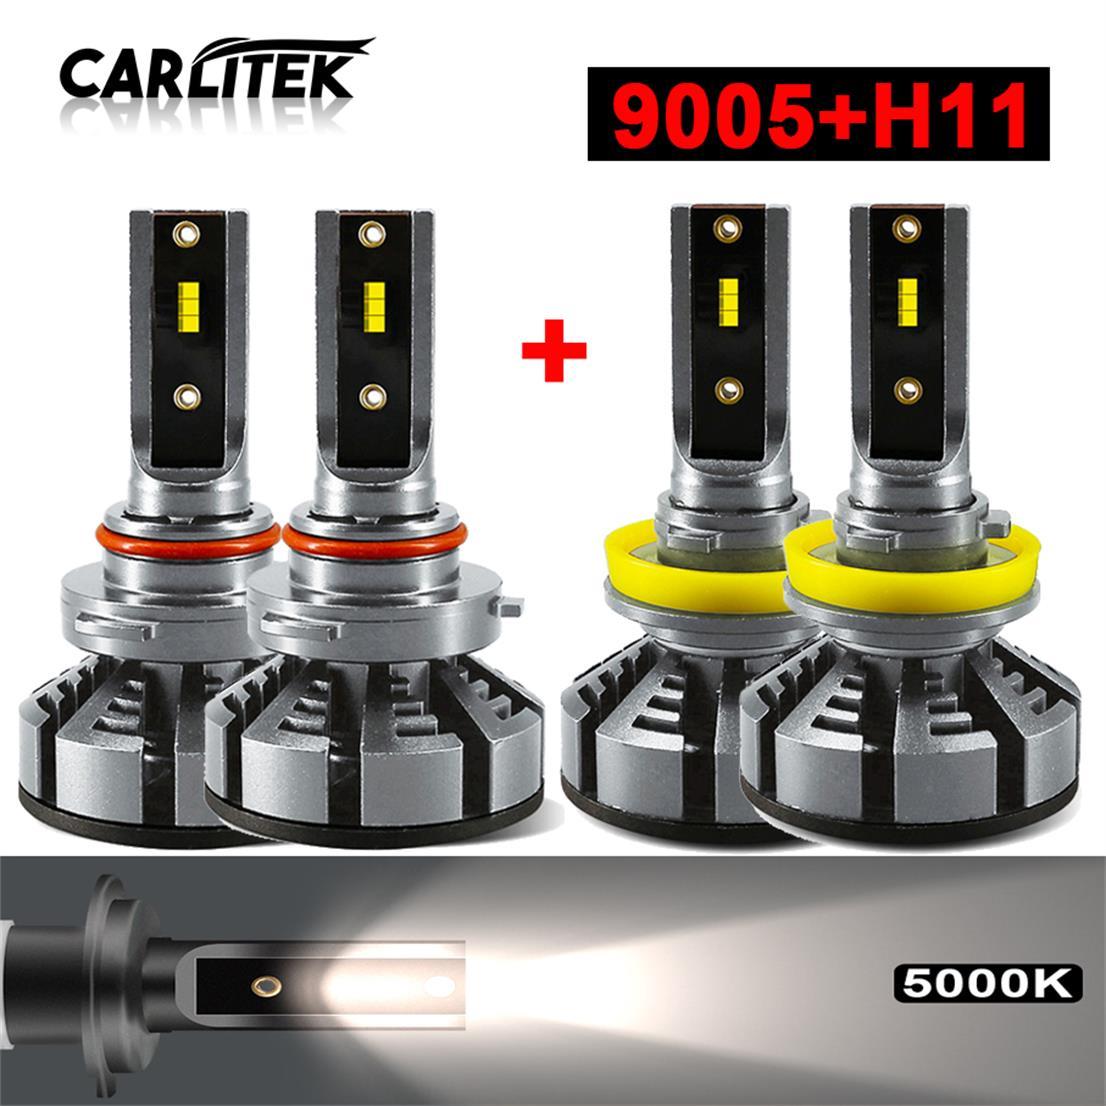 Combo 9005 H11 LED Headlight Kit for Chevy Silverado 1500 2008 2009 Hi//Lo Beam